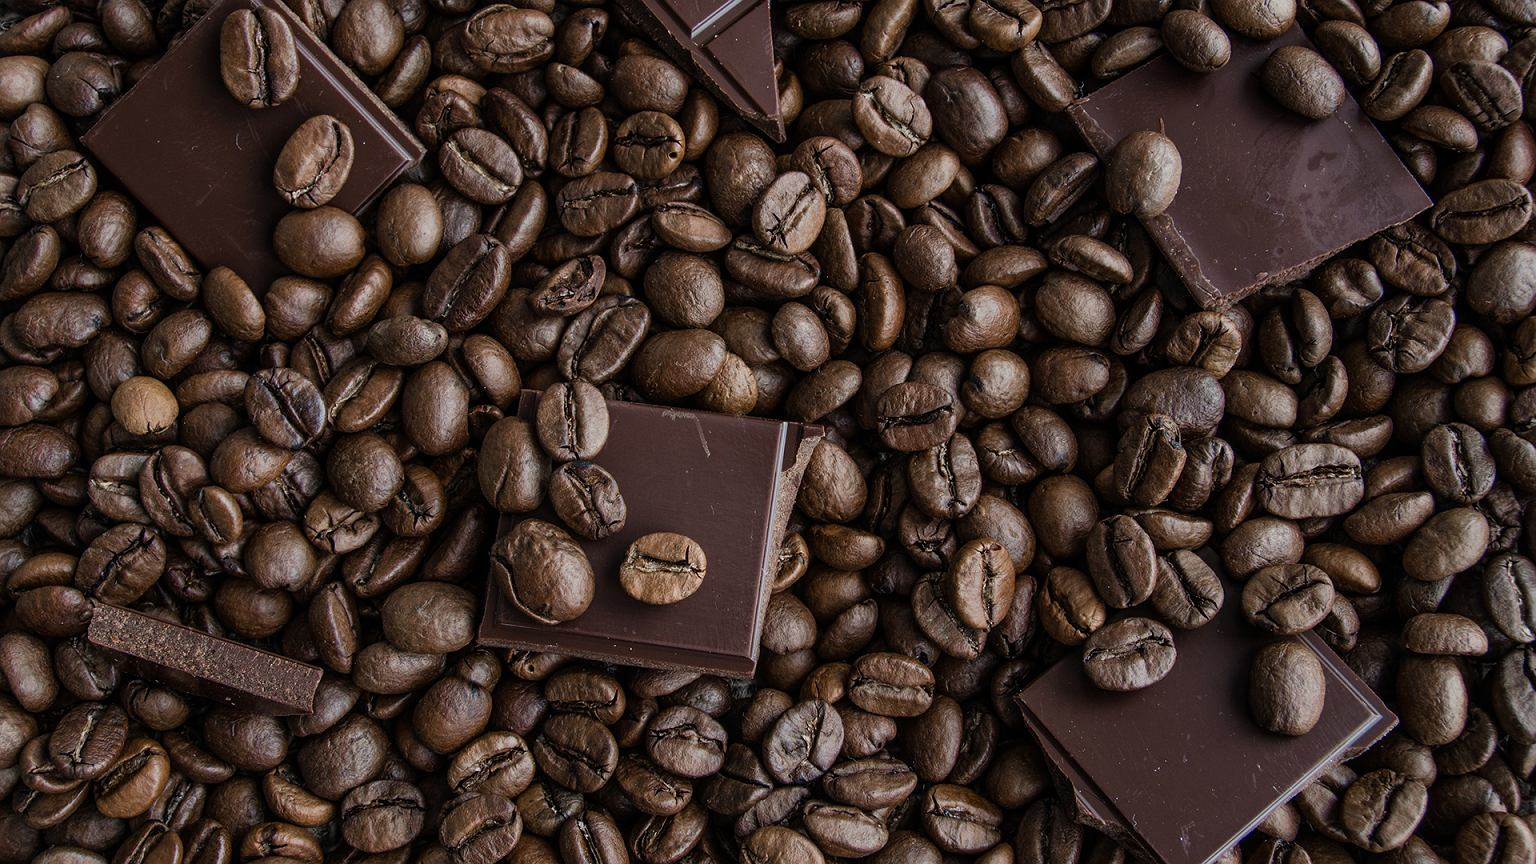 Ziarna kawy i czekolada. Zdjęcie ilustracyjne